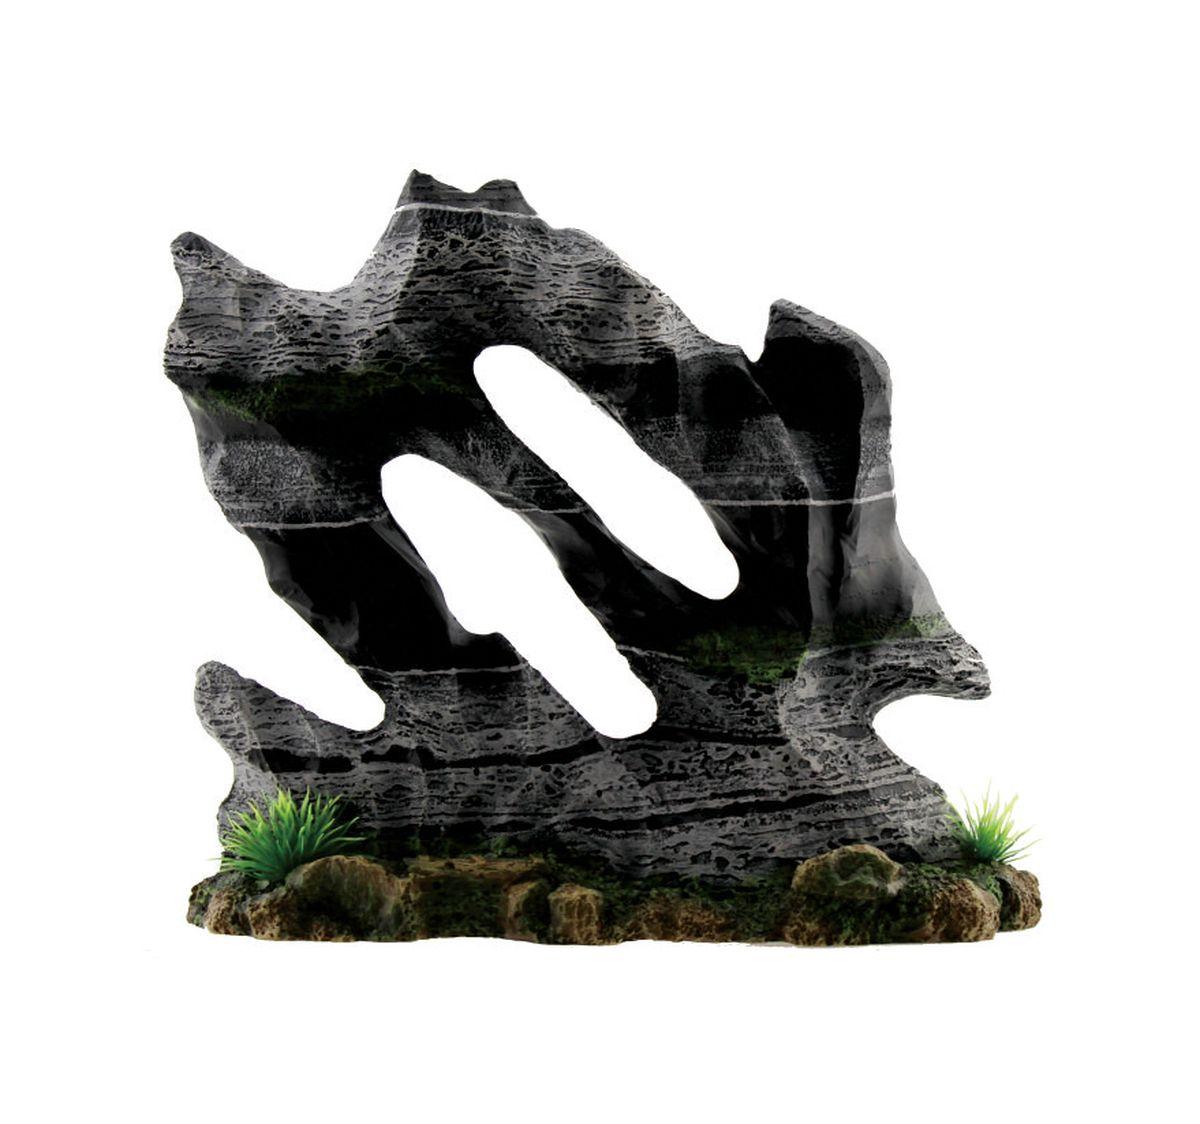 Декорация для аквариума ArtUniq Каменная скульптура, 24 x 9 x 21 смART-3115090Декорация ArtUniq – это яркая и важная часть любой композиции, она поможет вдохнуть жизнь в ландшафт любого аквариума или террариума. Декорация безопасна для обитателей аквариума, она не меняет параметры воды. Многие обитатели аквариума часто используют декорации как укрытия, в которых они живут и размножаются. Благодаря декорациям ArtUniq вы сможете создать прекрасный пейзаж на дне вашего аквариума или террариума.